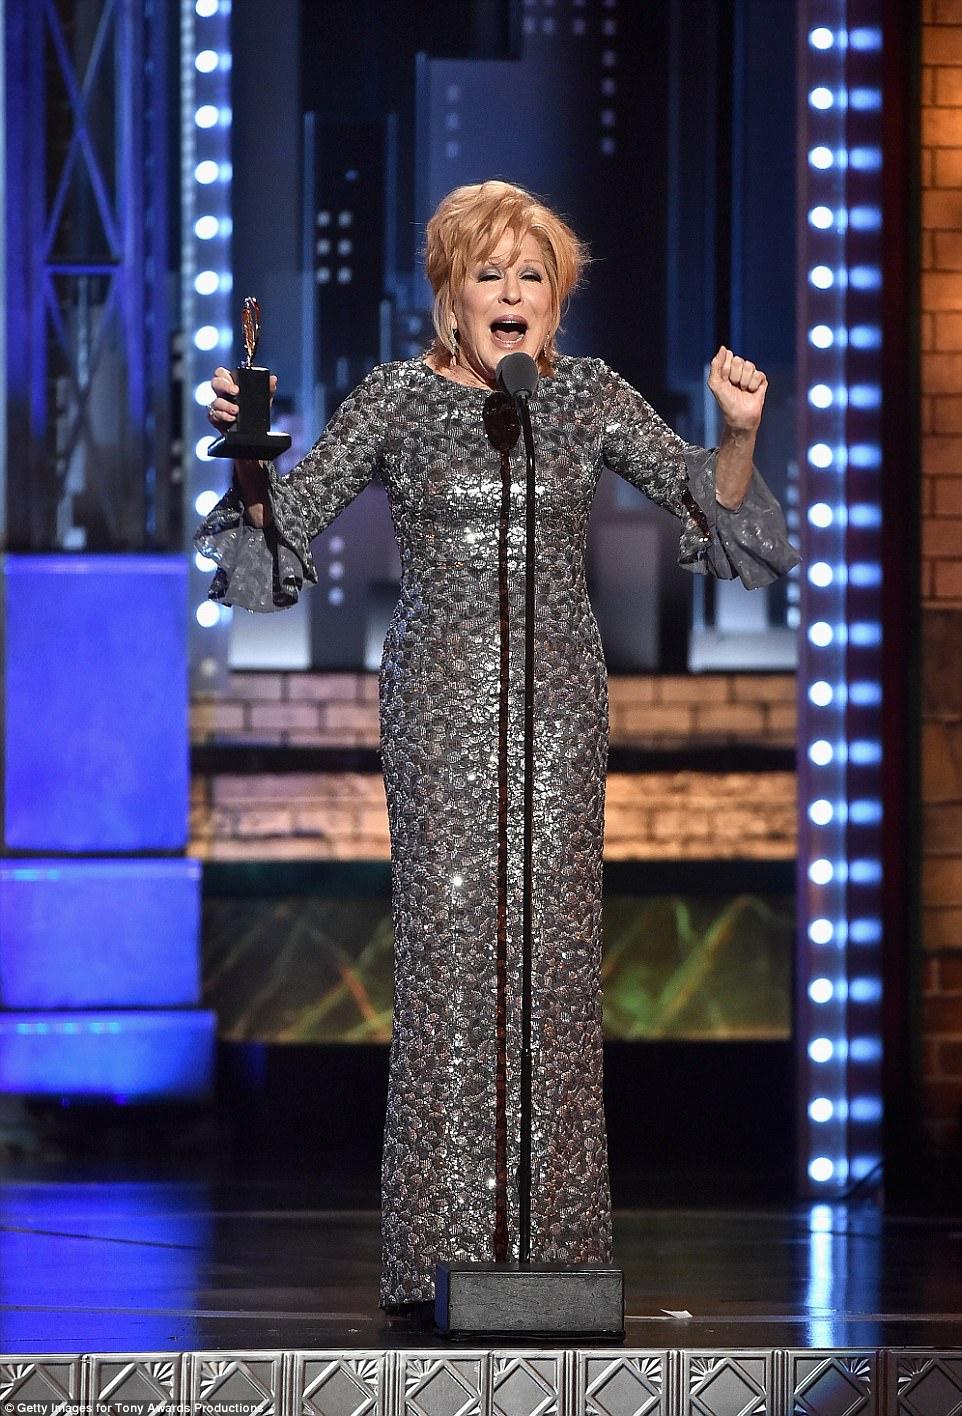 Triumph: Bette Midler, que ganhou um Tony no domingo por liderar o novo avivamento de Jerry Zaks, Hello, Dolly !, provou o melhor showgirl - a música para jogar ela começou e terminou, e ela se recusou a sair do palco, berrando: Feche essa porcaria!